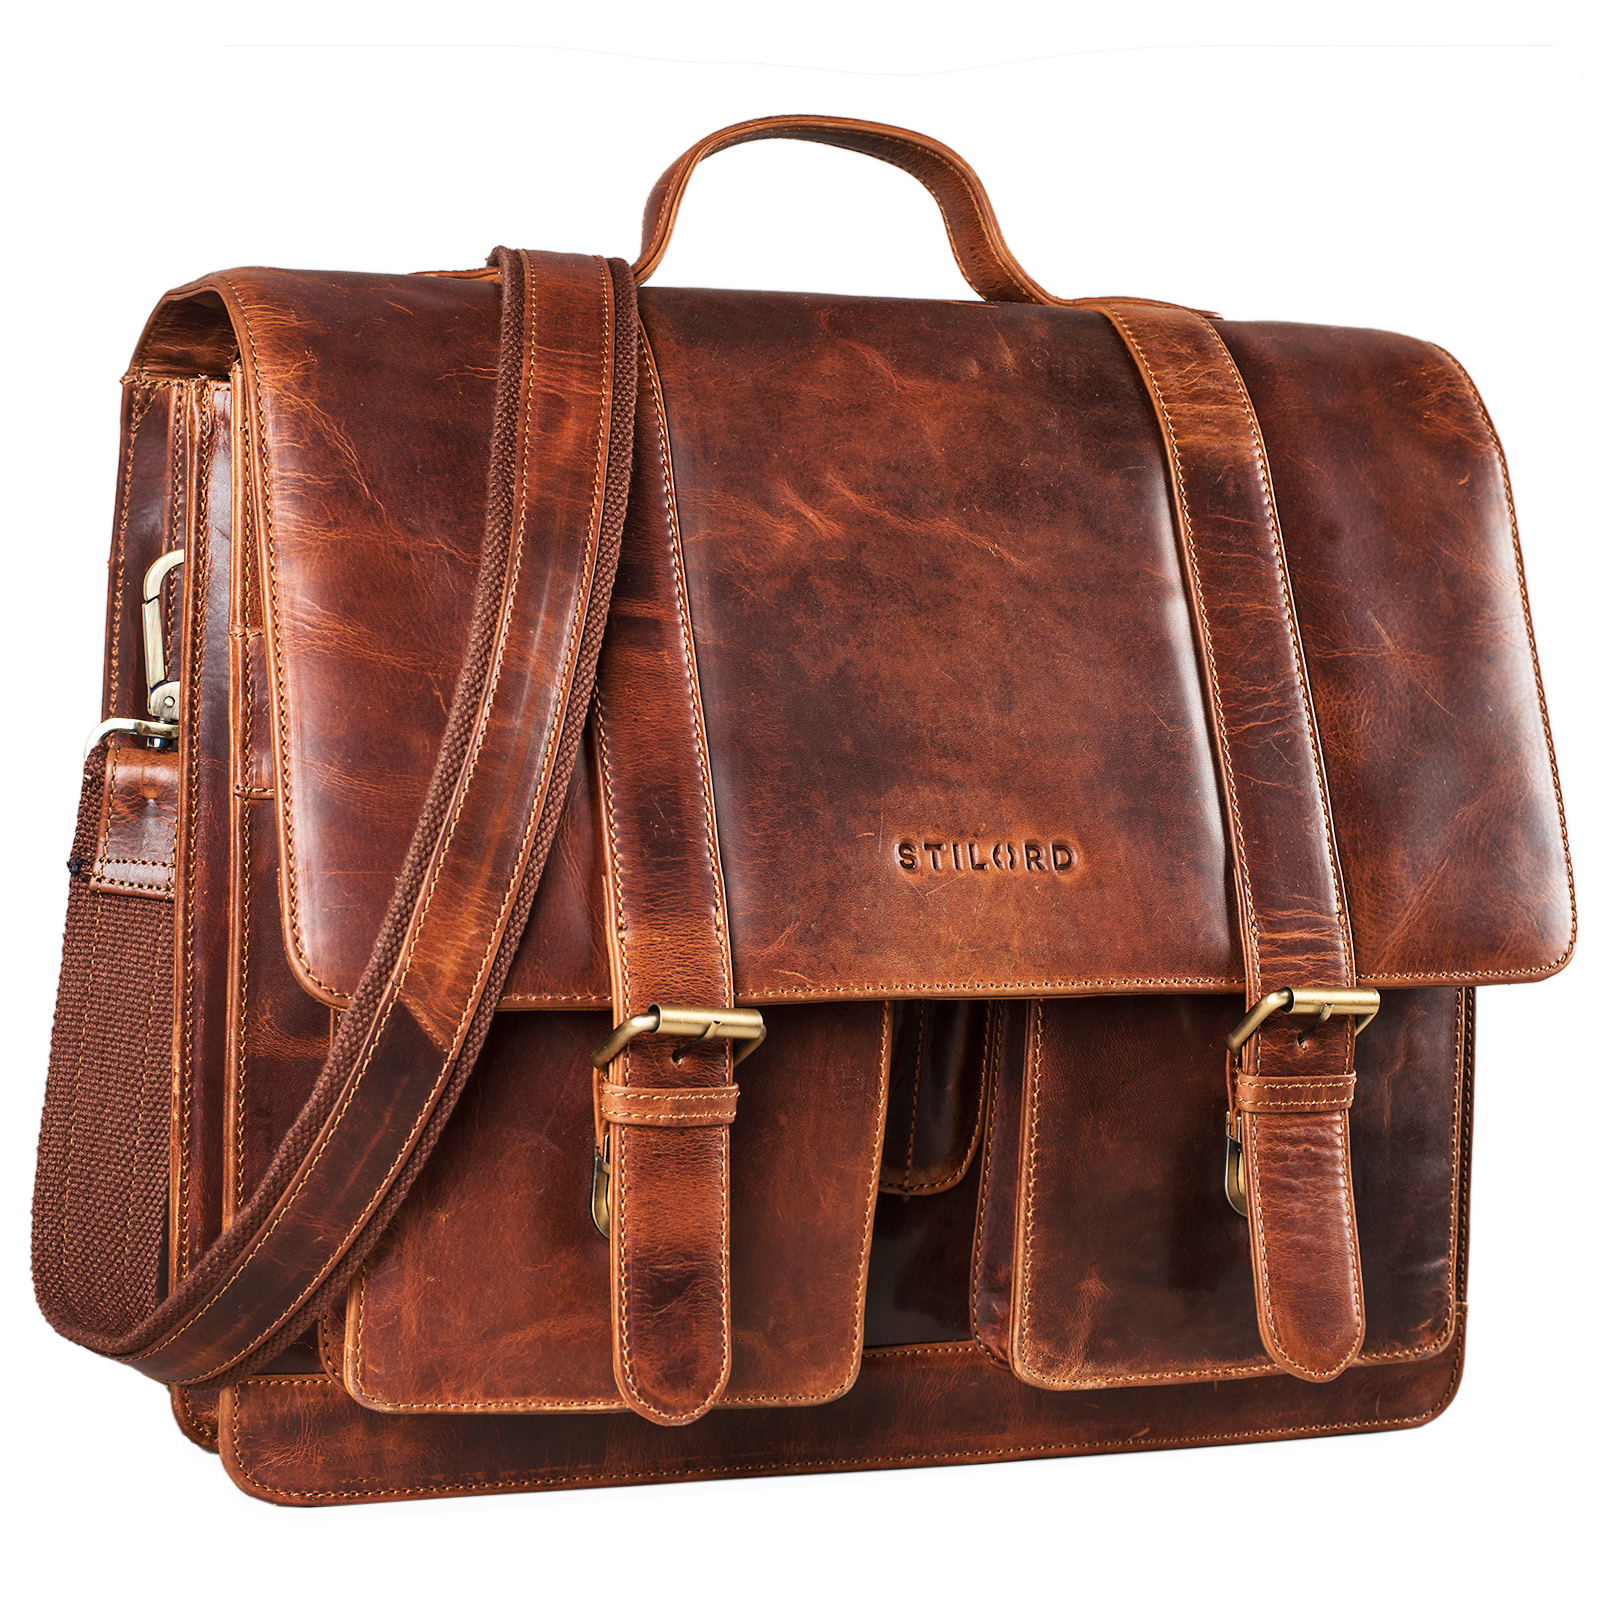 """STILORD """"Marius"""" Klassische Lehrertasche Leder Schultasche XL groß Aktentasche zum Umhängen Businesstasche Laptoptasche echtes Rindsleder  - Bild 8"""